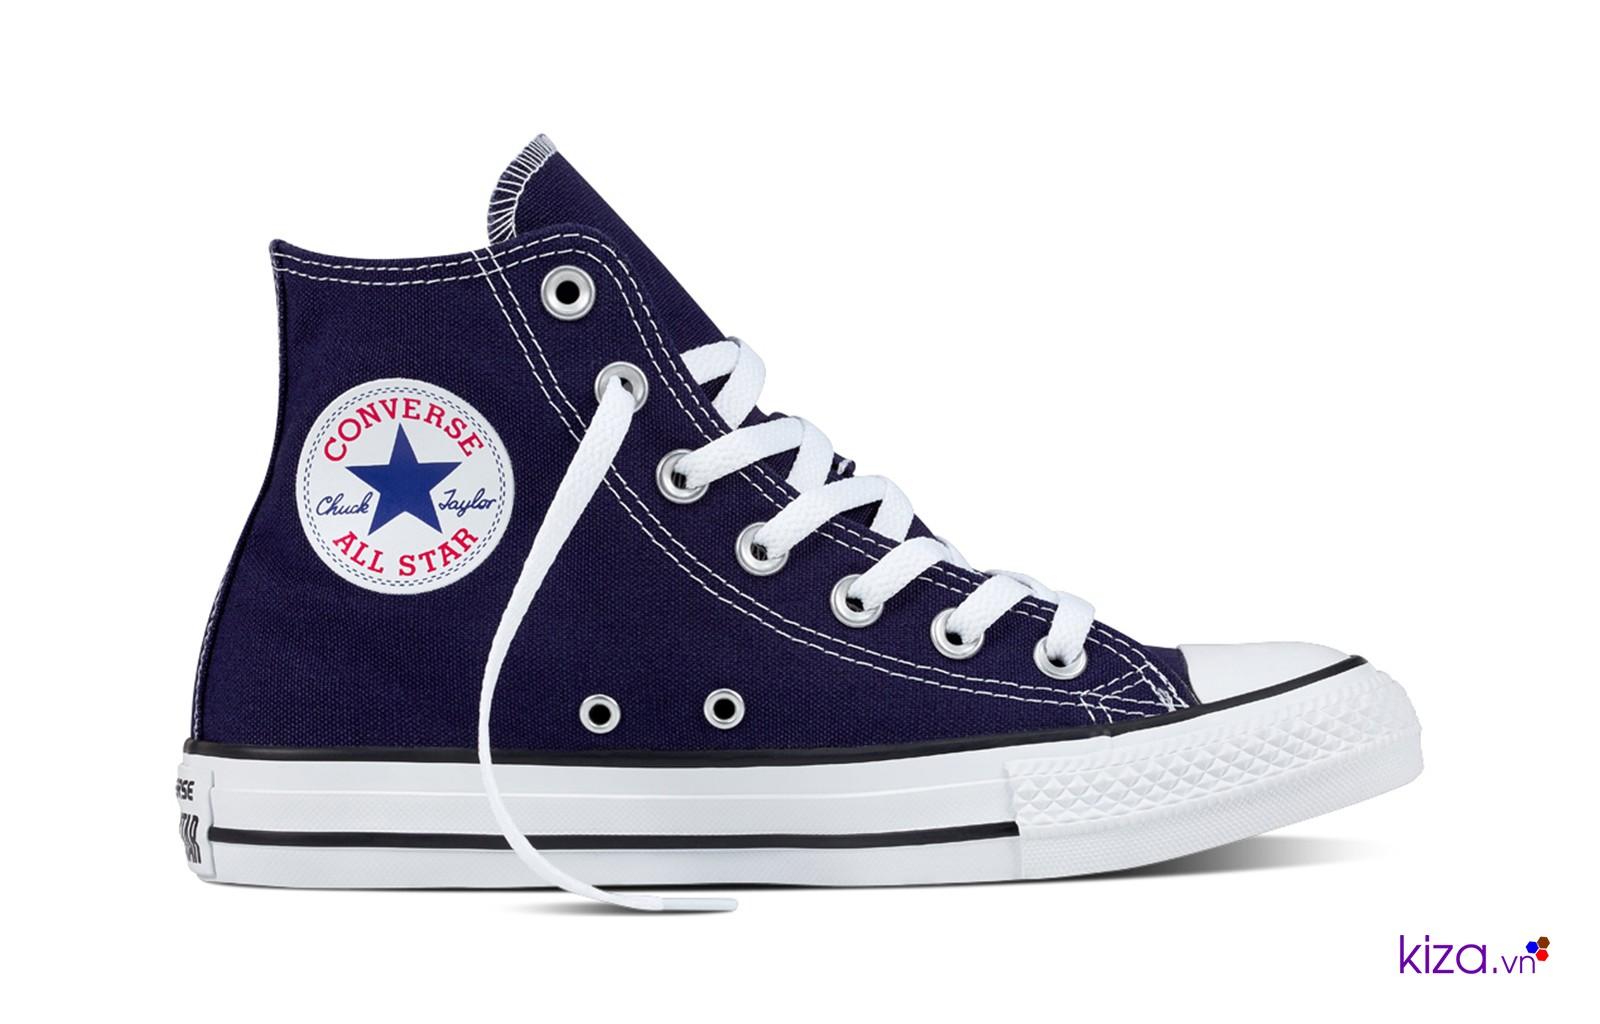 Giày Converse fake có giá rẻ